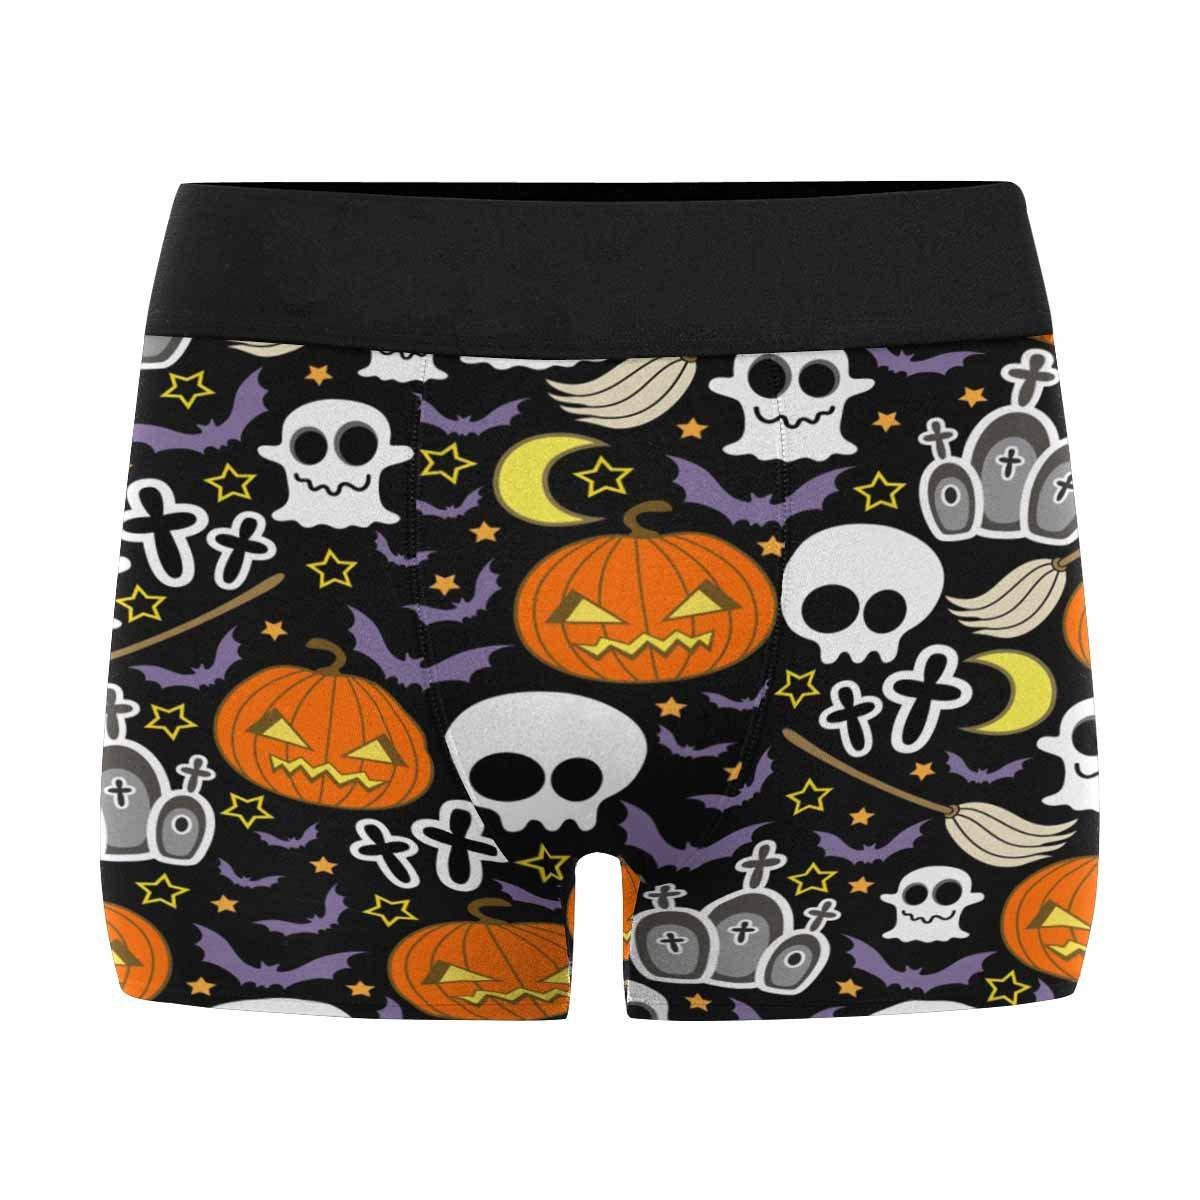 INTERESTPRINT Mens Boxer Briefs Underwear Halloween Photo Art XS-3XL